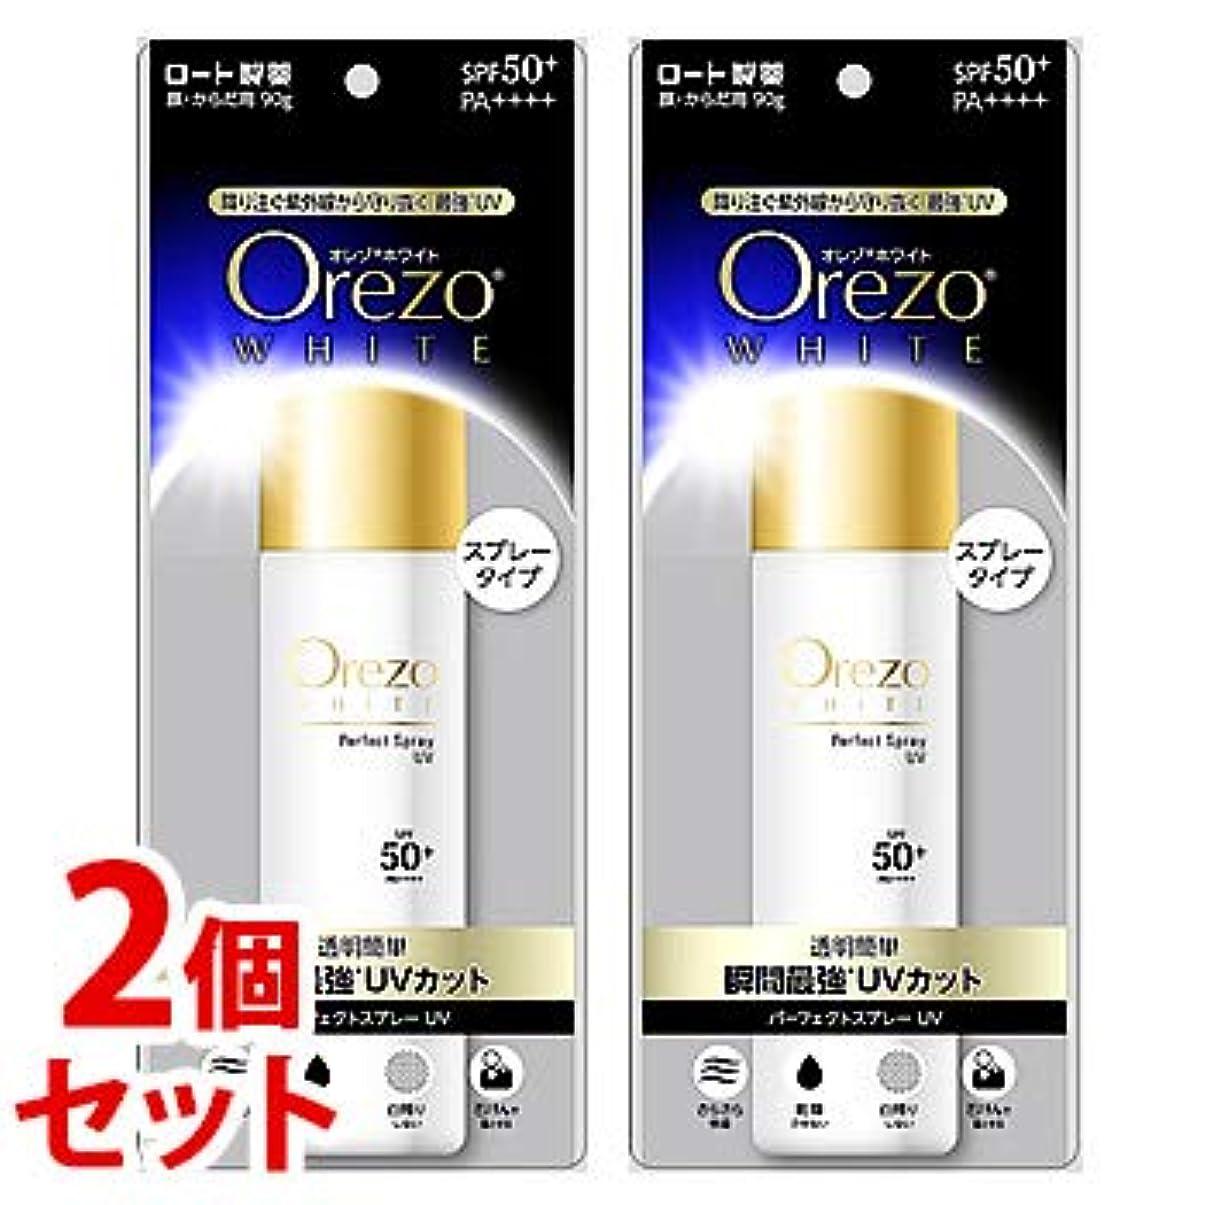 シェード責めるアメリカ《セット販売》 ロート製薬 Orezo オレゾ ホワイト パーフェクトスプレーUV SPF50+ PA++++ (90g)×2個セット 顔?からだ用 日やけ止め スプレータイプ